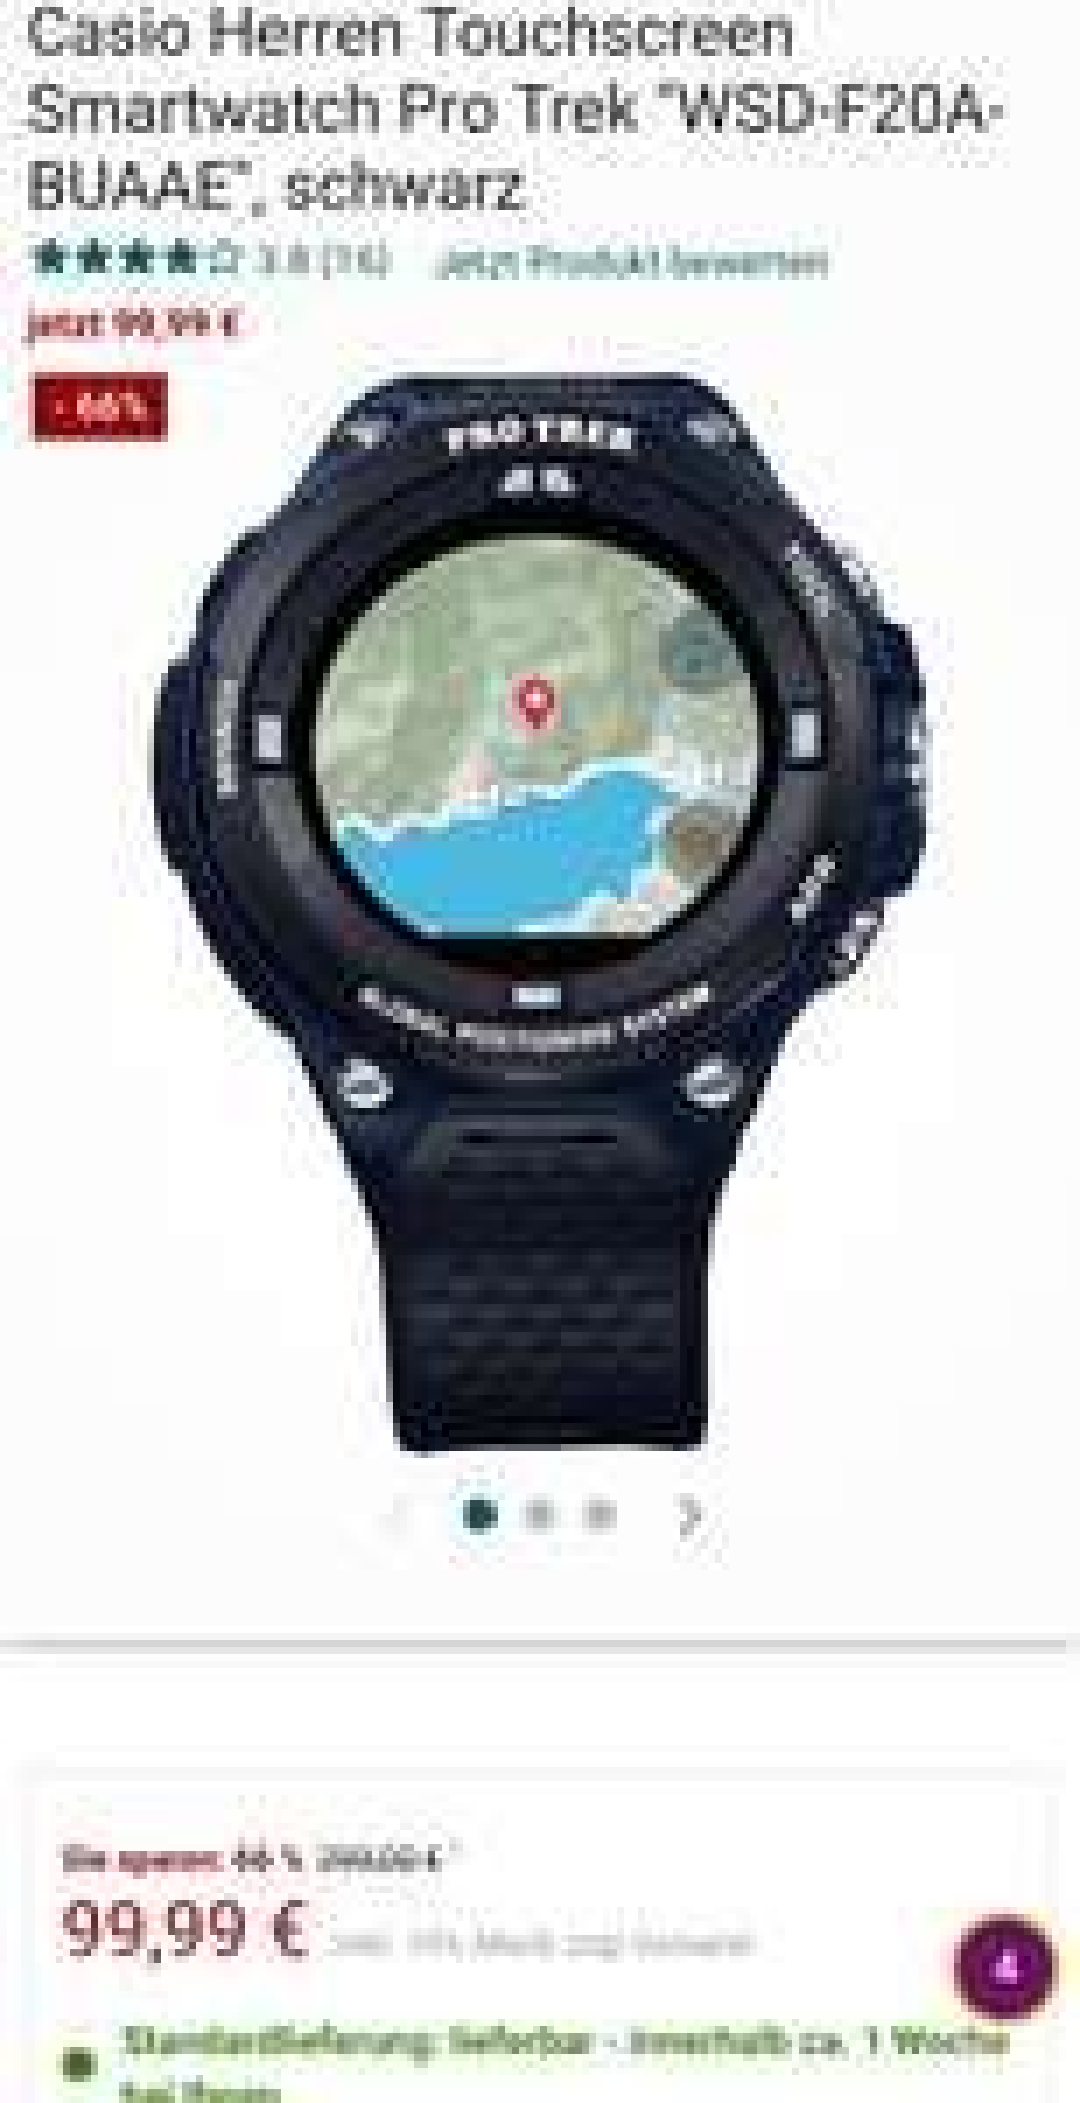 """[Galaria] Casio Herren Touchscreen Smartwatch Pro Trek """"WSD-F20A-BUAAE"""", schwarz"""